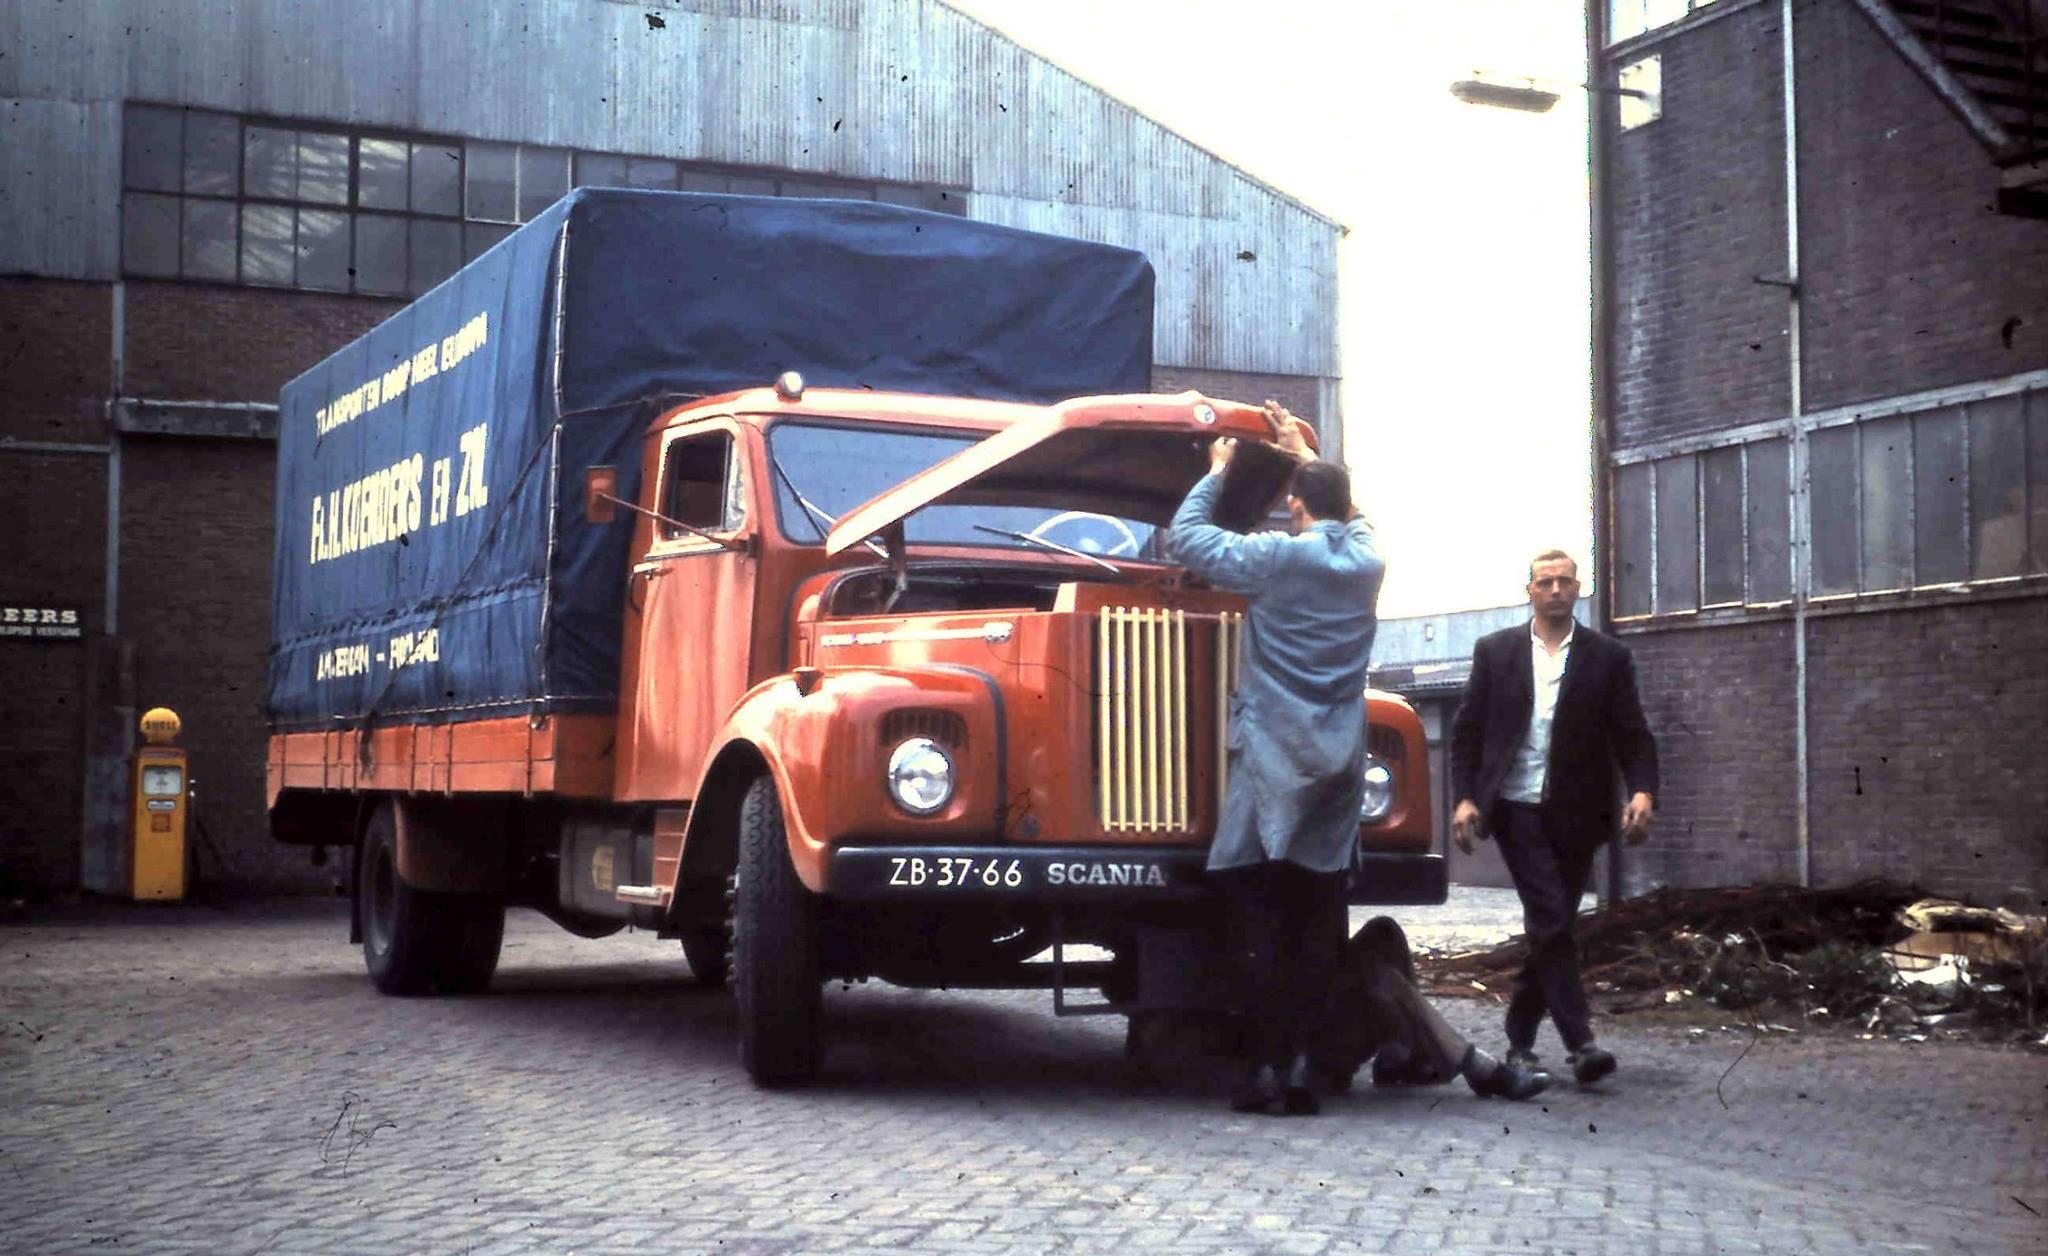 Scania-Vabis-56-geleverd-door-Beers-in-Rijswijk